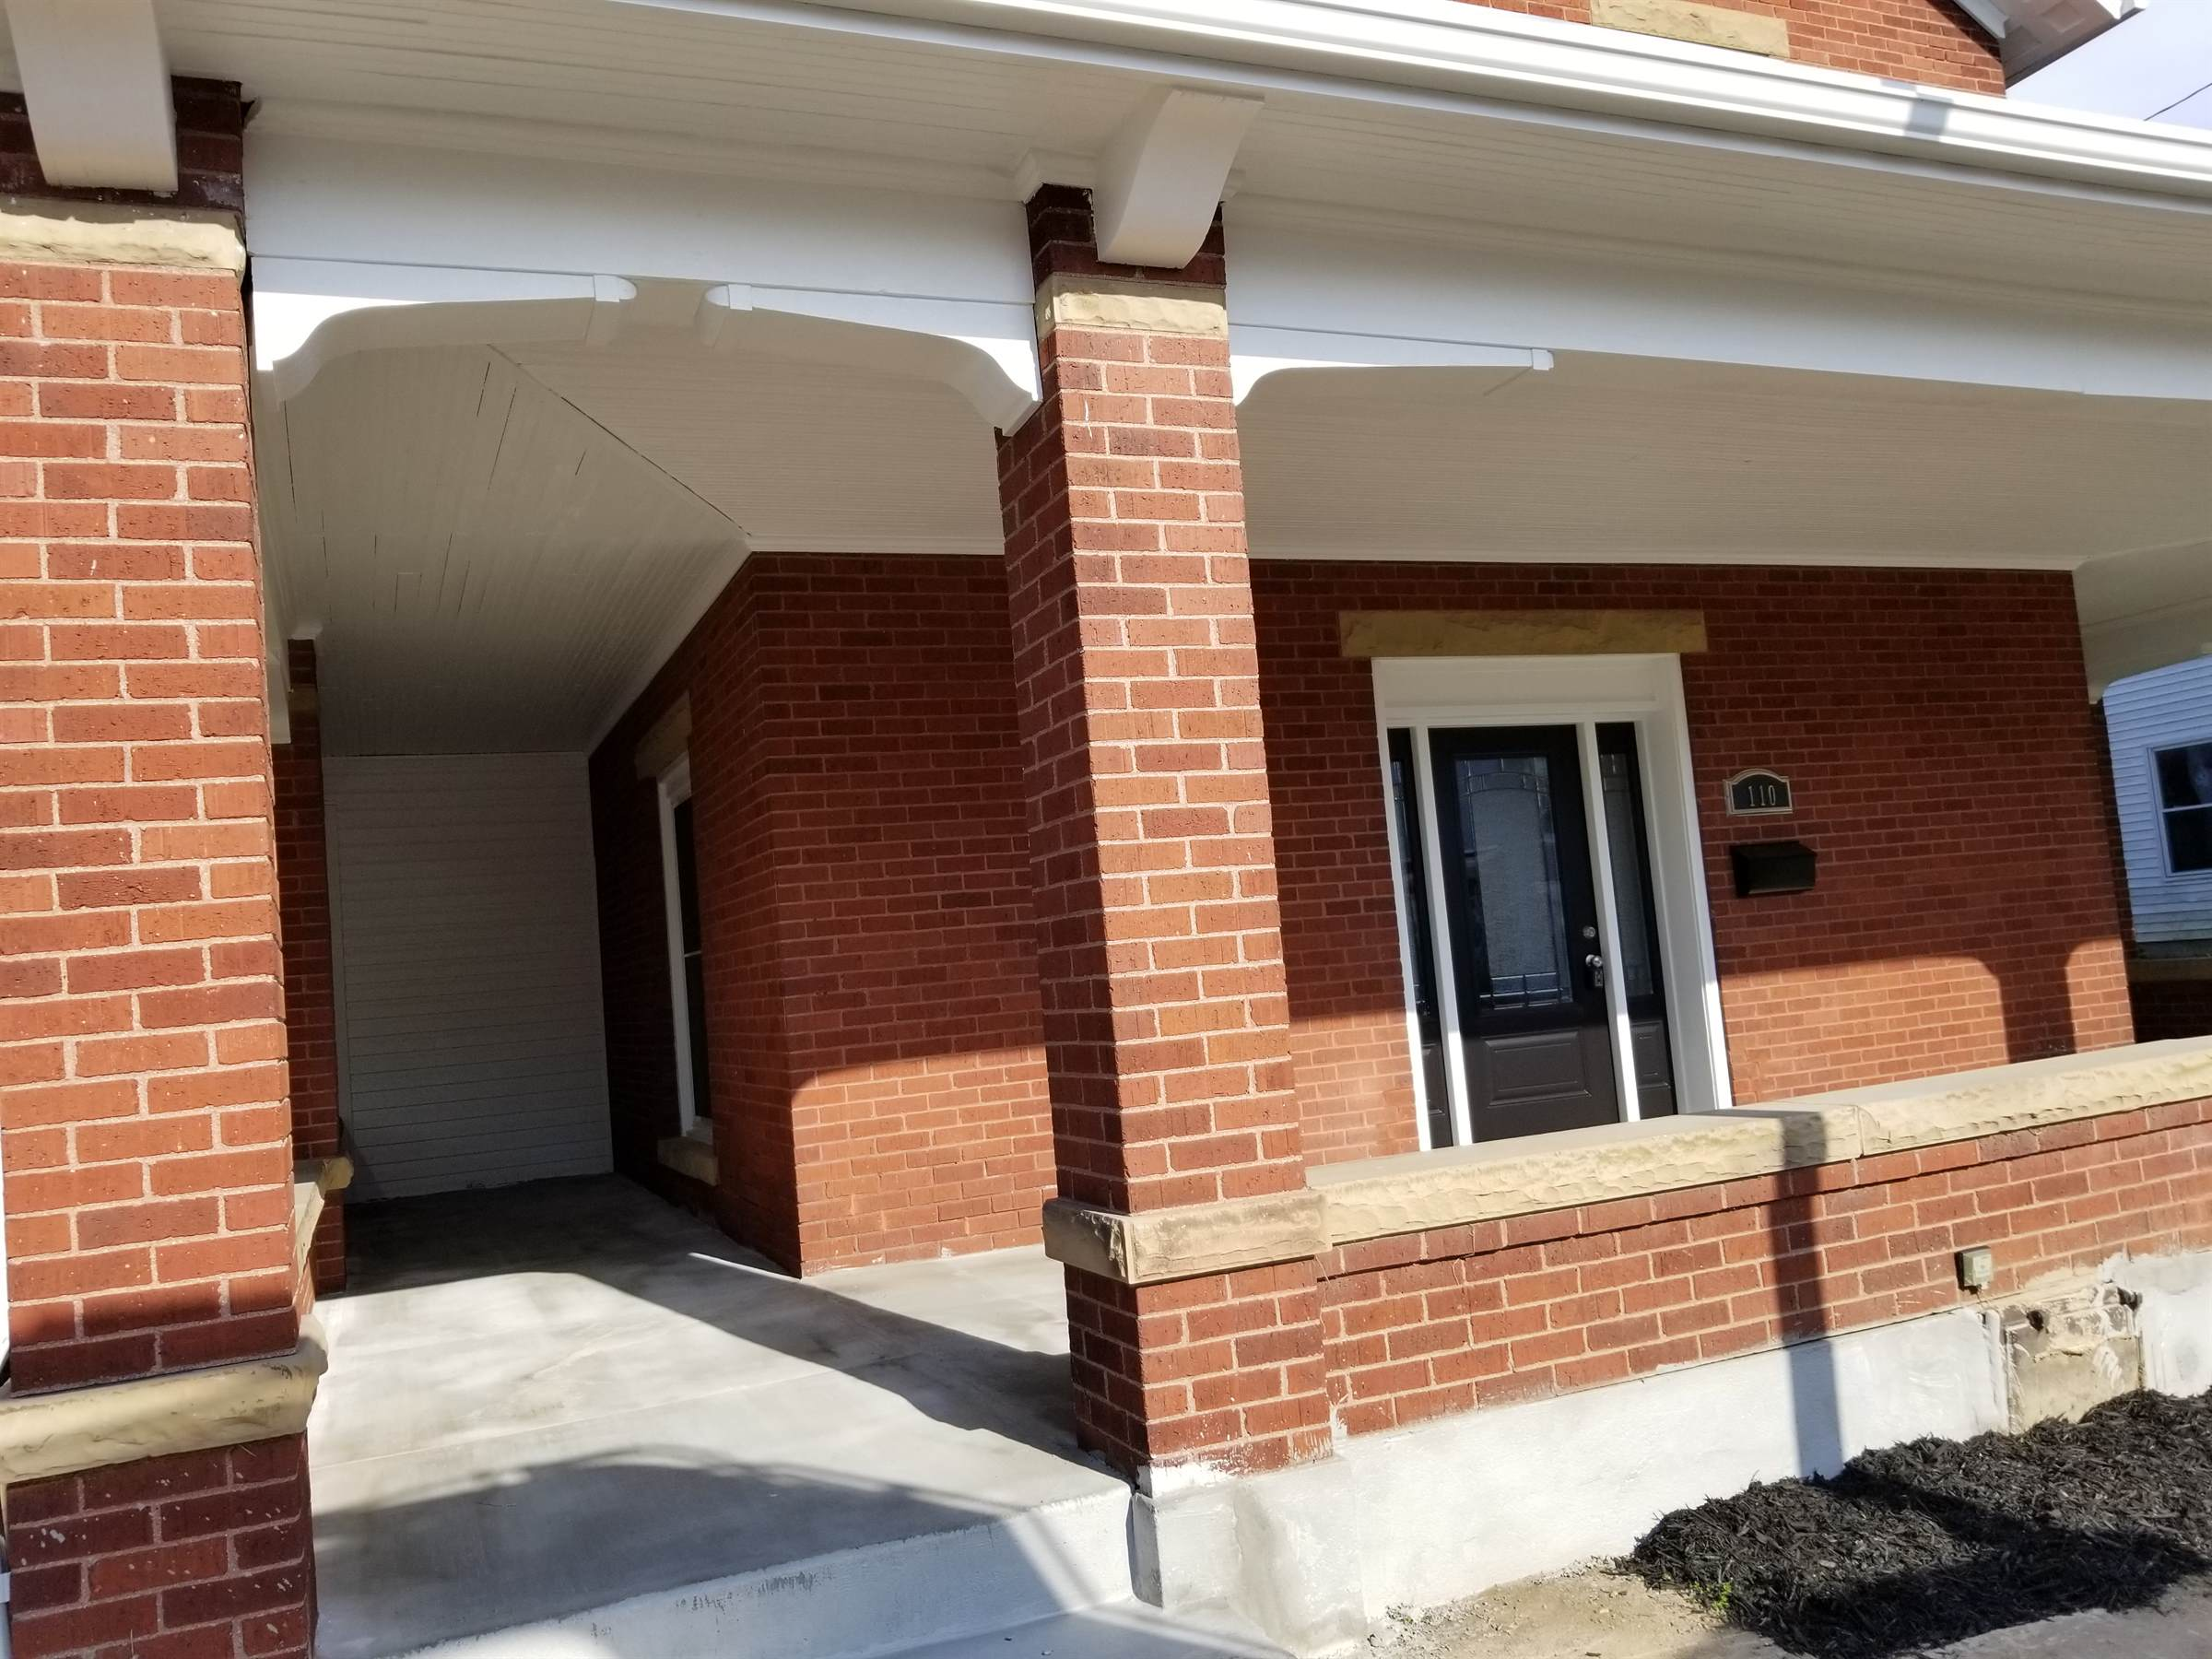 110 S. High St, Covington, OH 45385